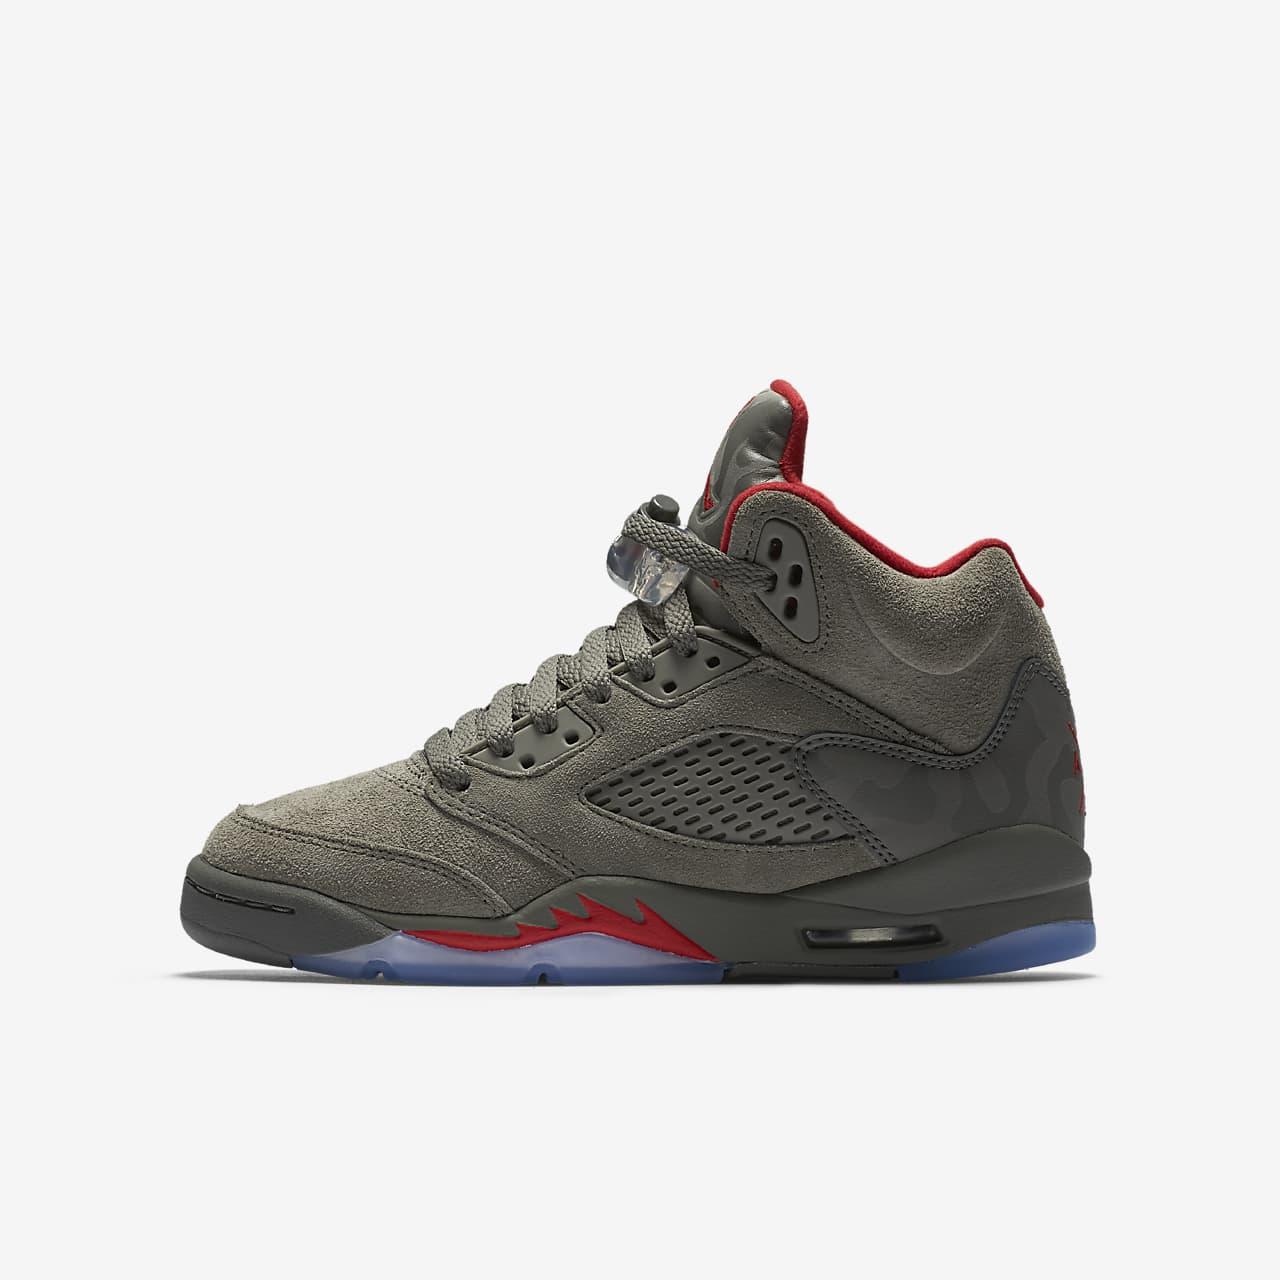 Air Jordan 5 Retro Older Kids' Shoe